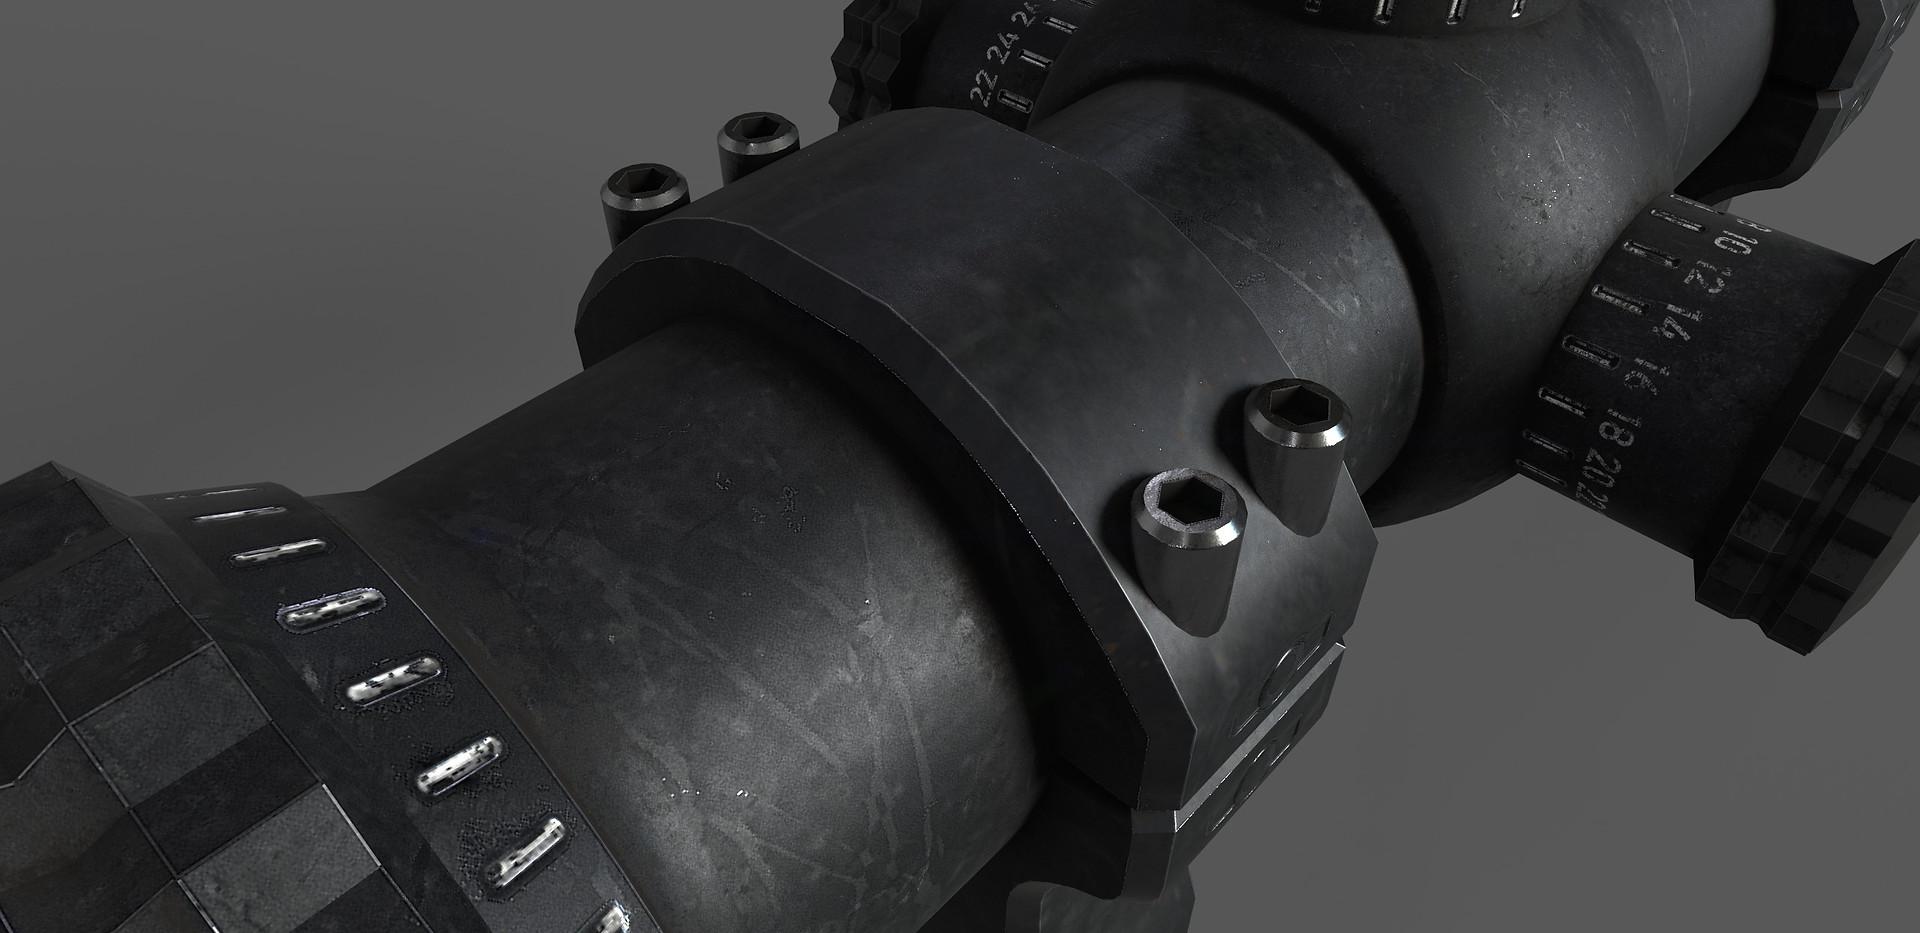 RifleScope_Bracket.jpg